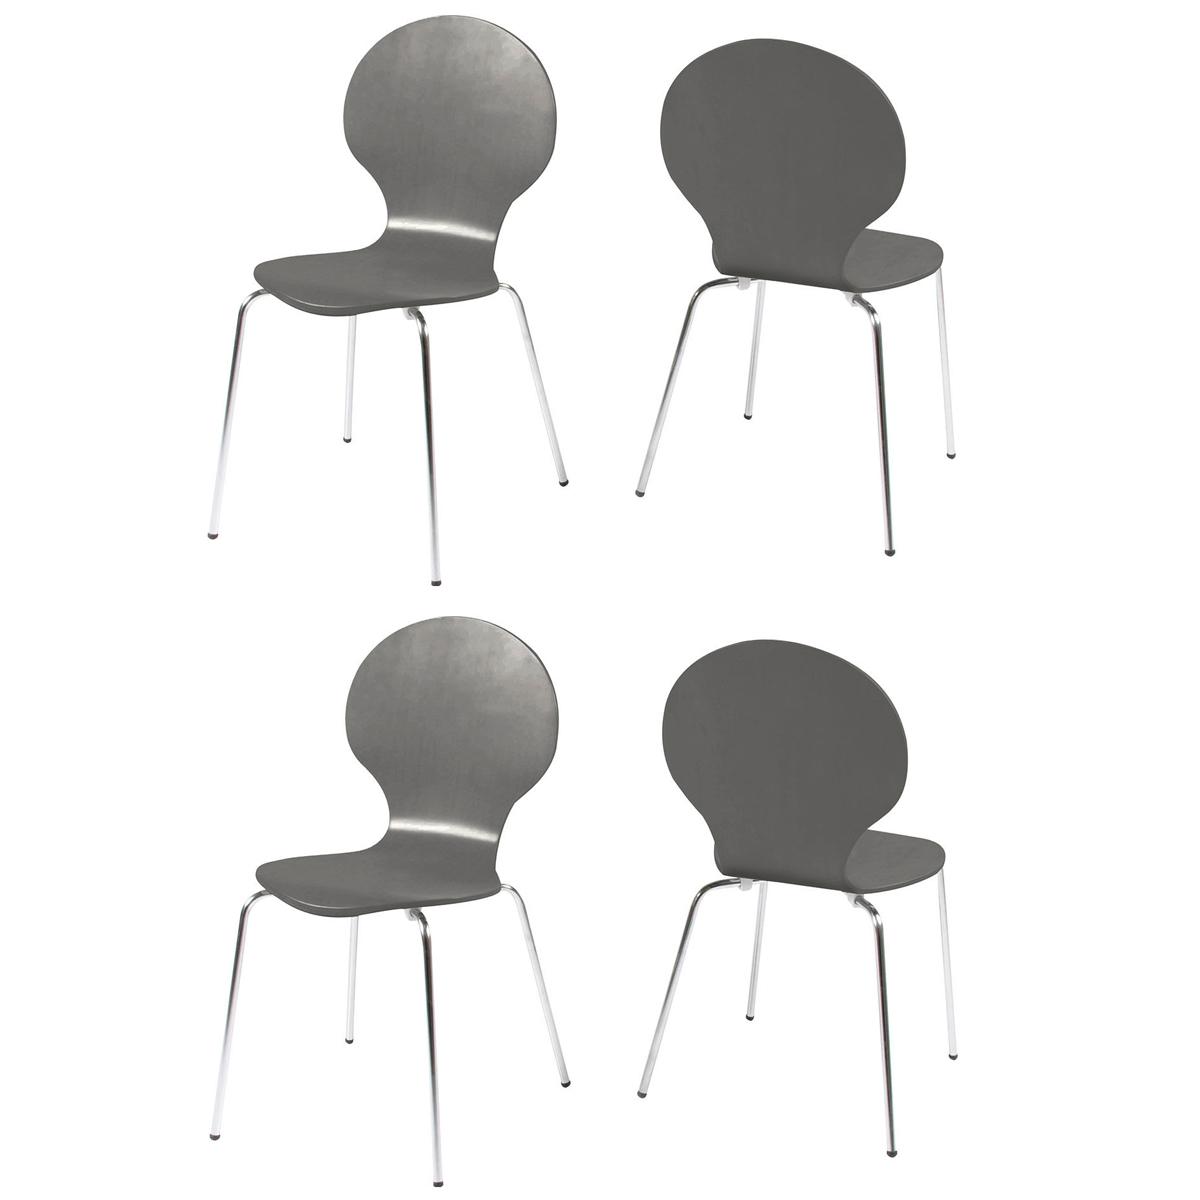 stuhl marcus 4er set stapelstuhl esszimmer besucherstuhl k chenstuhl ebay. Black Bedroom Furniture Sets. Home Design Ideas